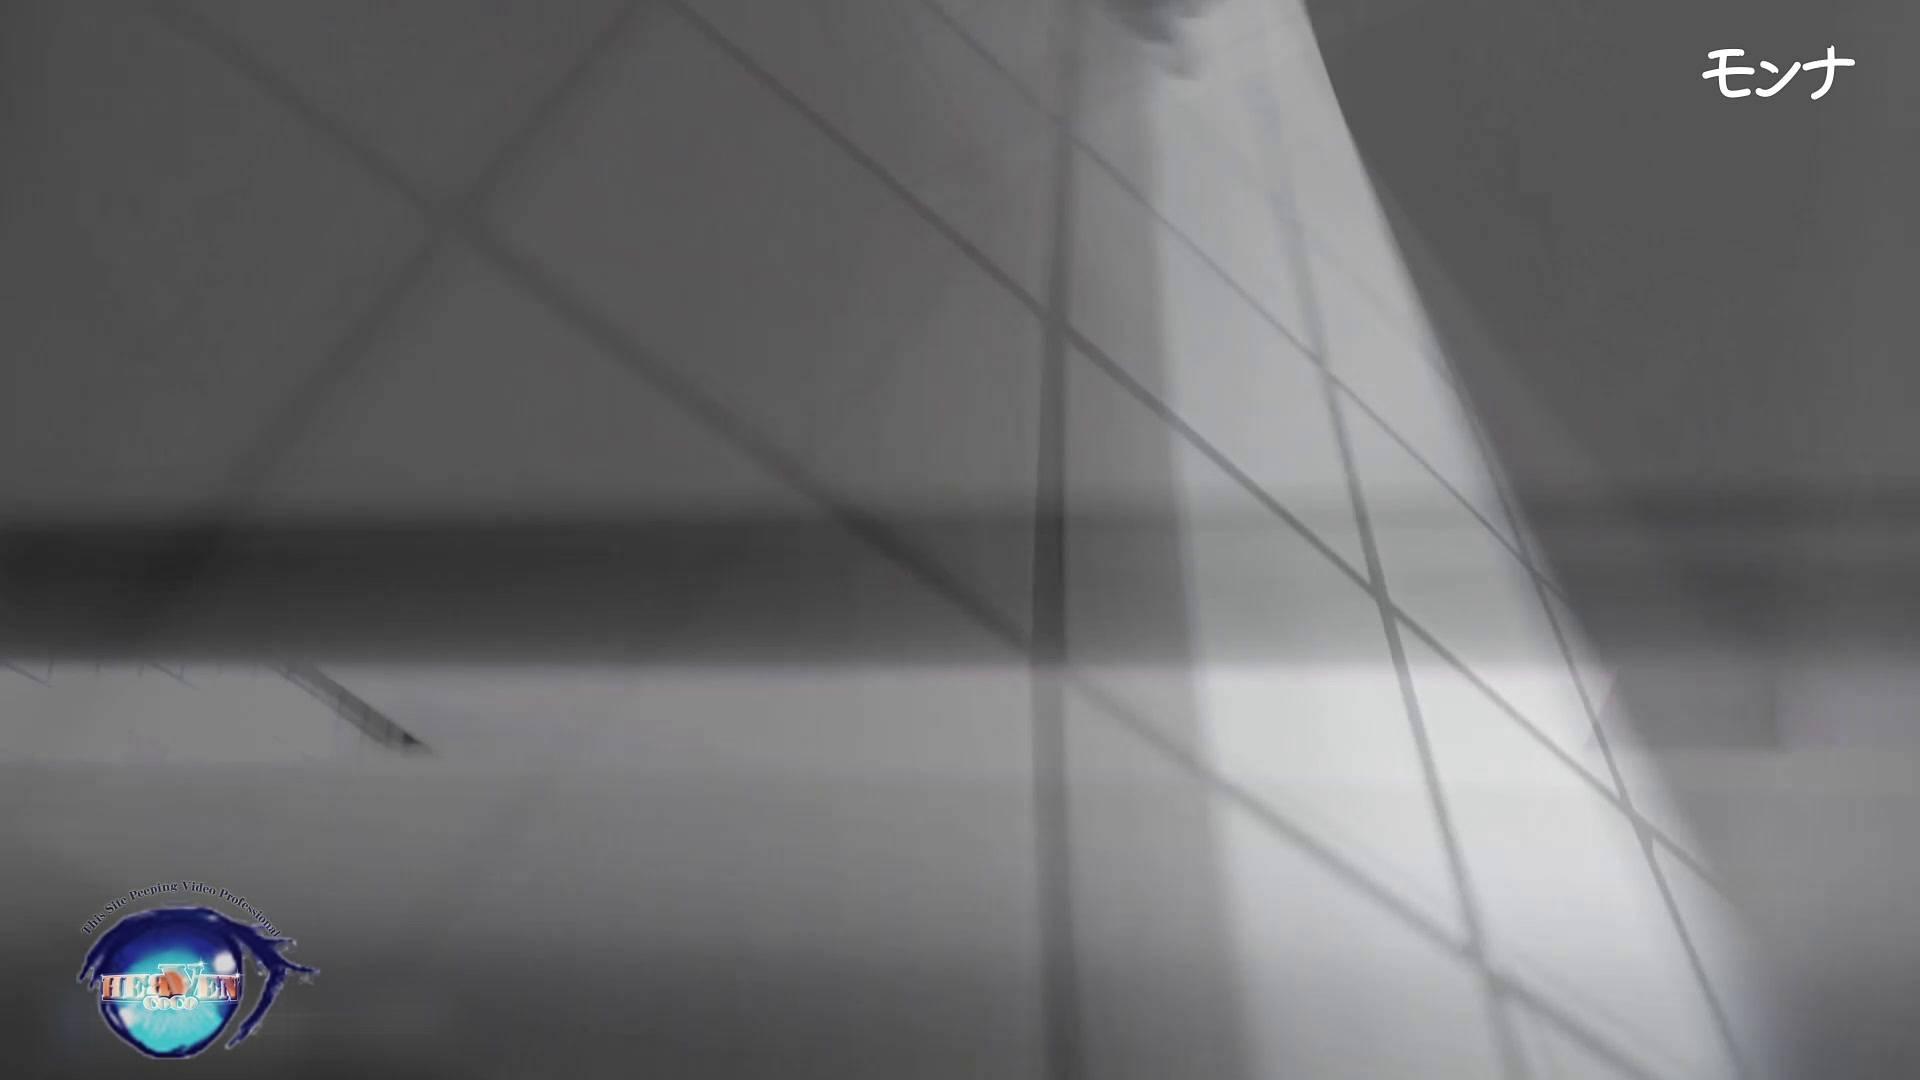 【美しい日本の未来】美しい日本の未来 No.75 たまらないくびれ 2 生え茂る モロだしオマンコ 盗撮動画紹介 70pic 38